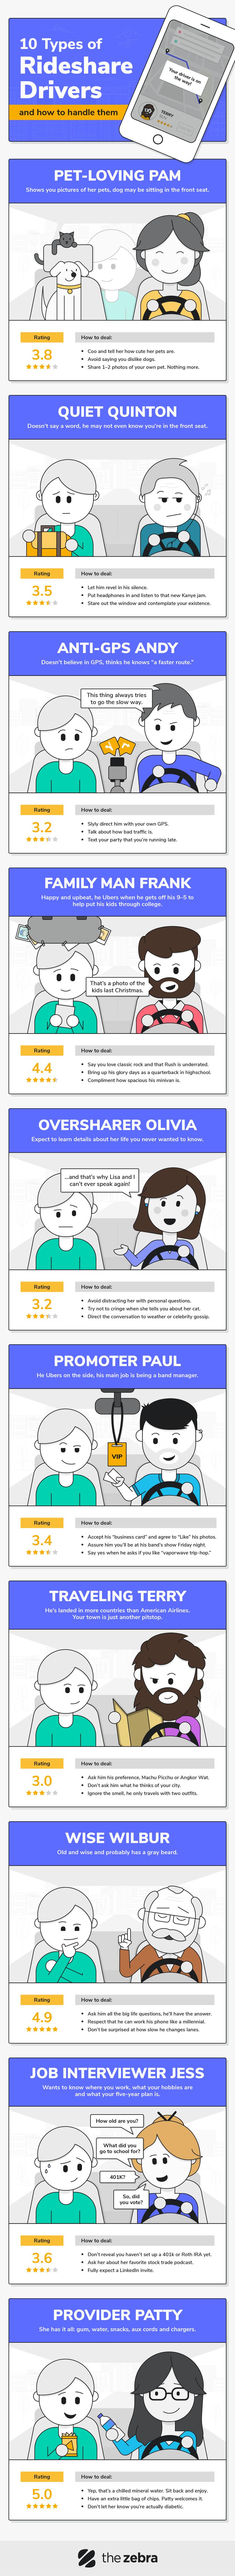 rideshare drivers infographic